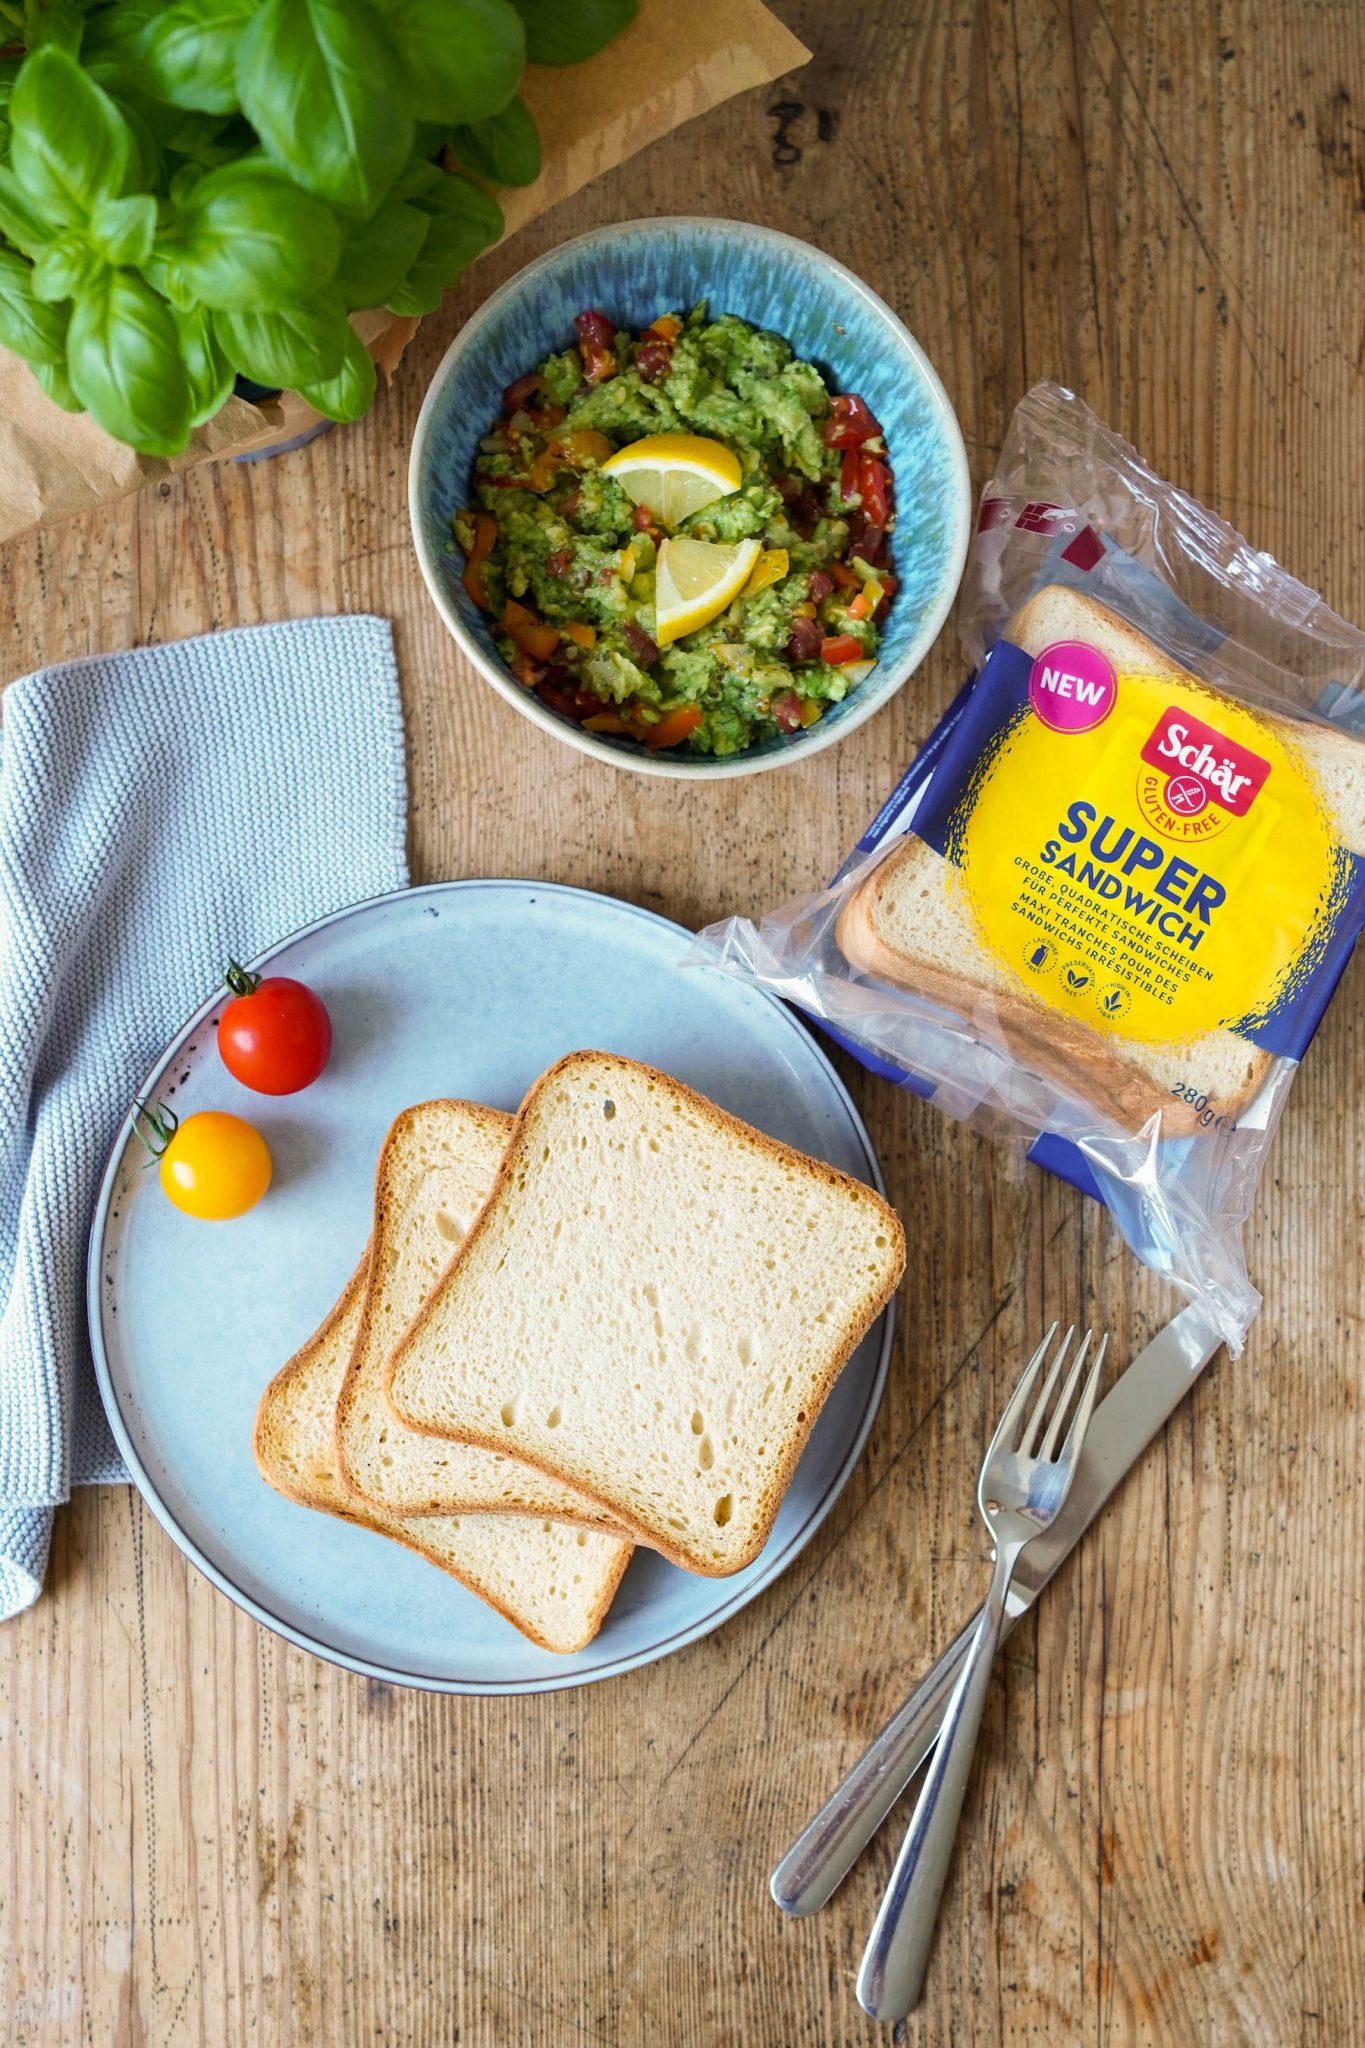 suelovesnyc_rezept_vegetarisches_club_sandwich_glutenfrei_schaer_super_sandwich_glutenfrei_1